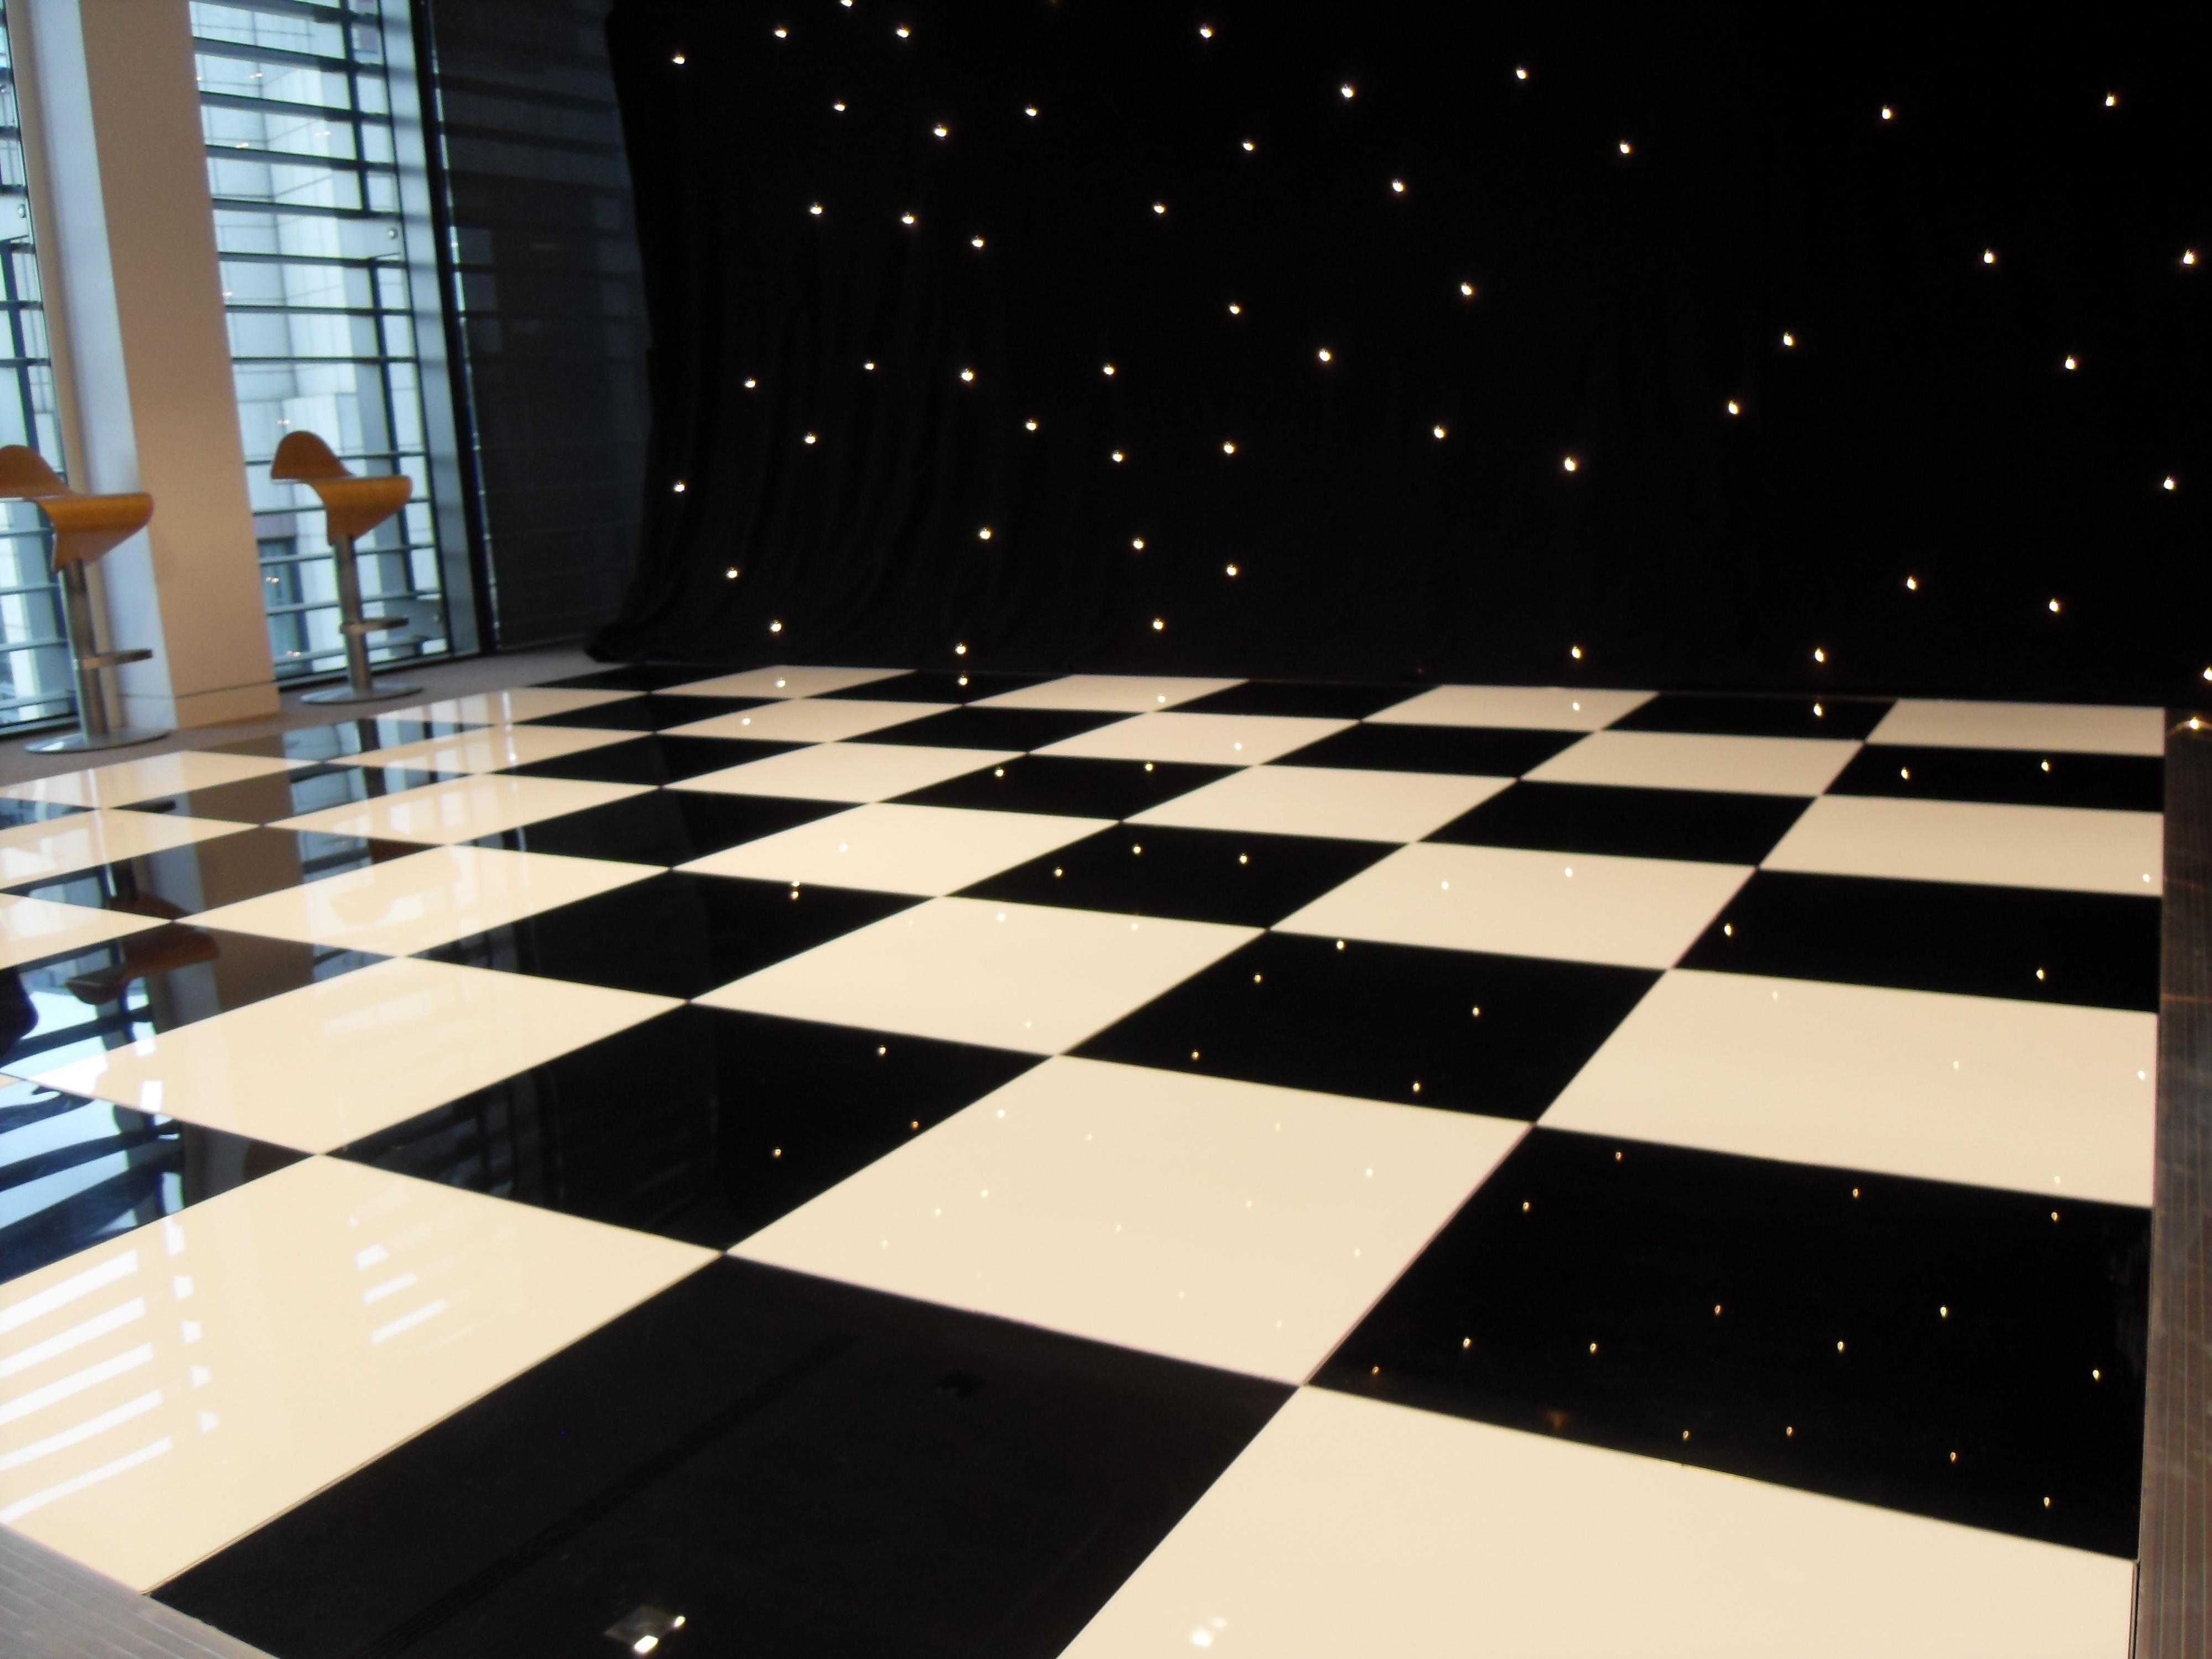 Led dance floors for hiring av2rent for Black and white check floor